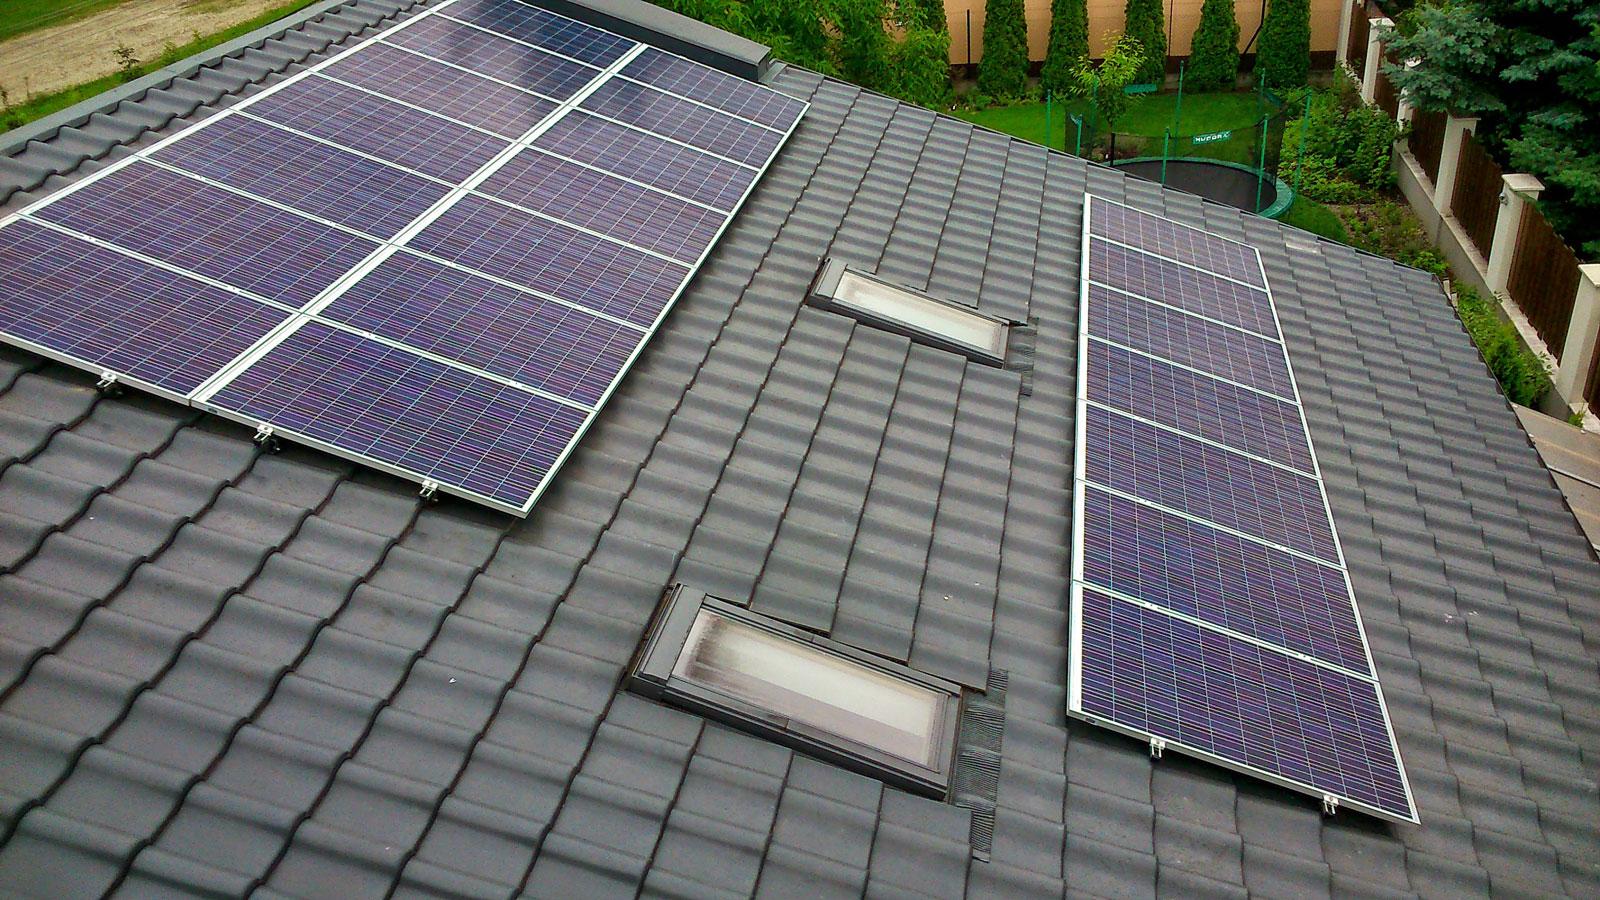 győr napelem rendszer győr-moson-sopron megye napelemes cég napelemek